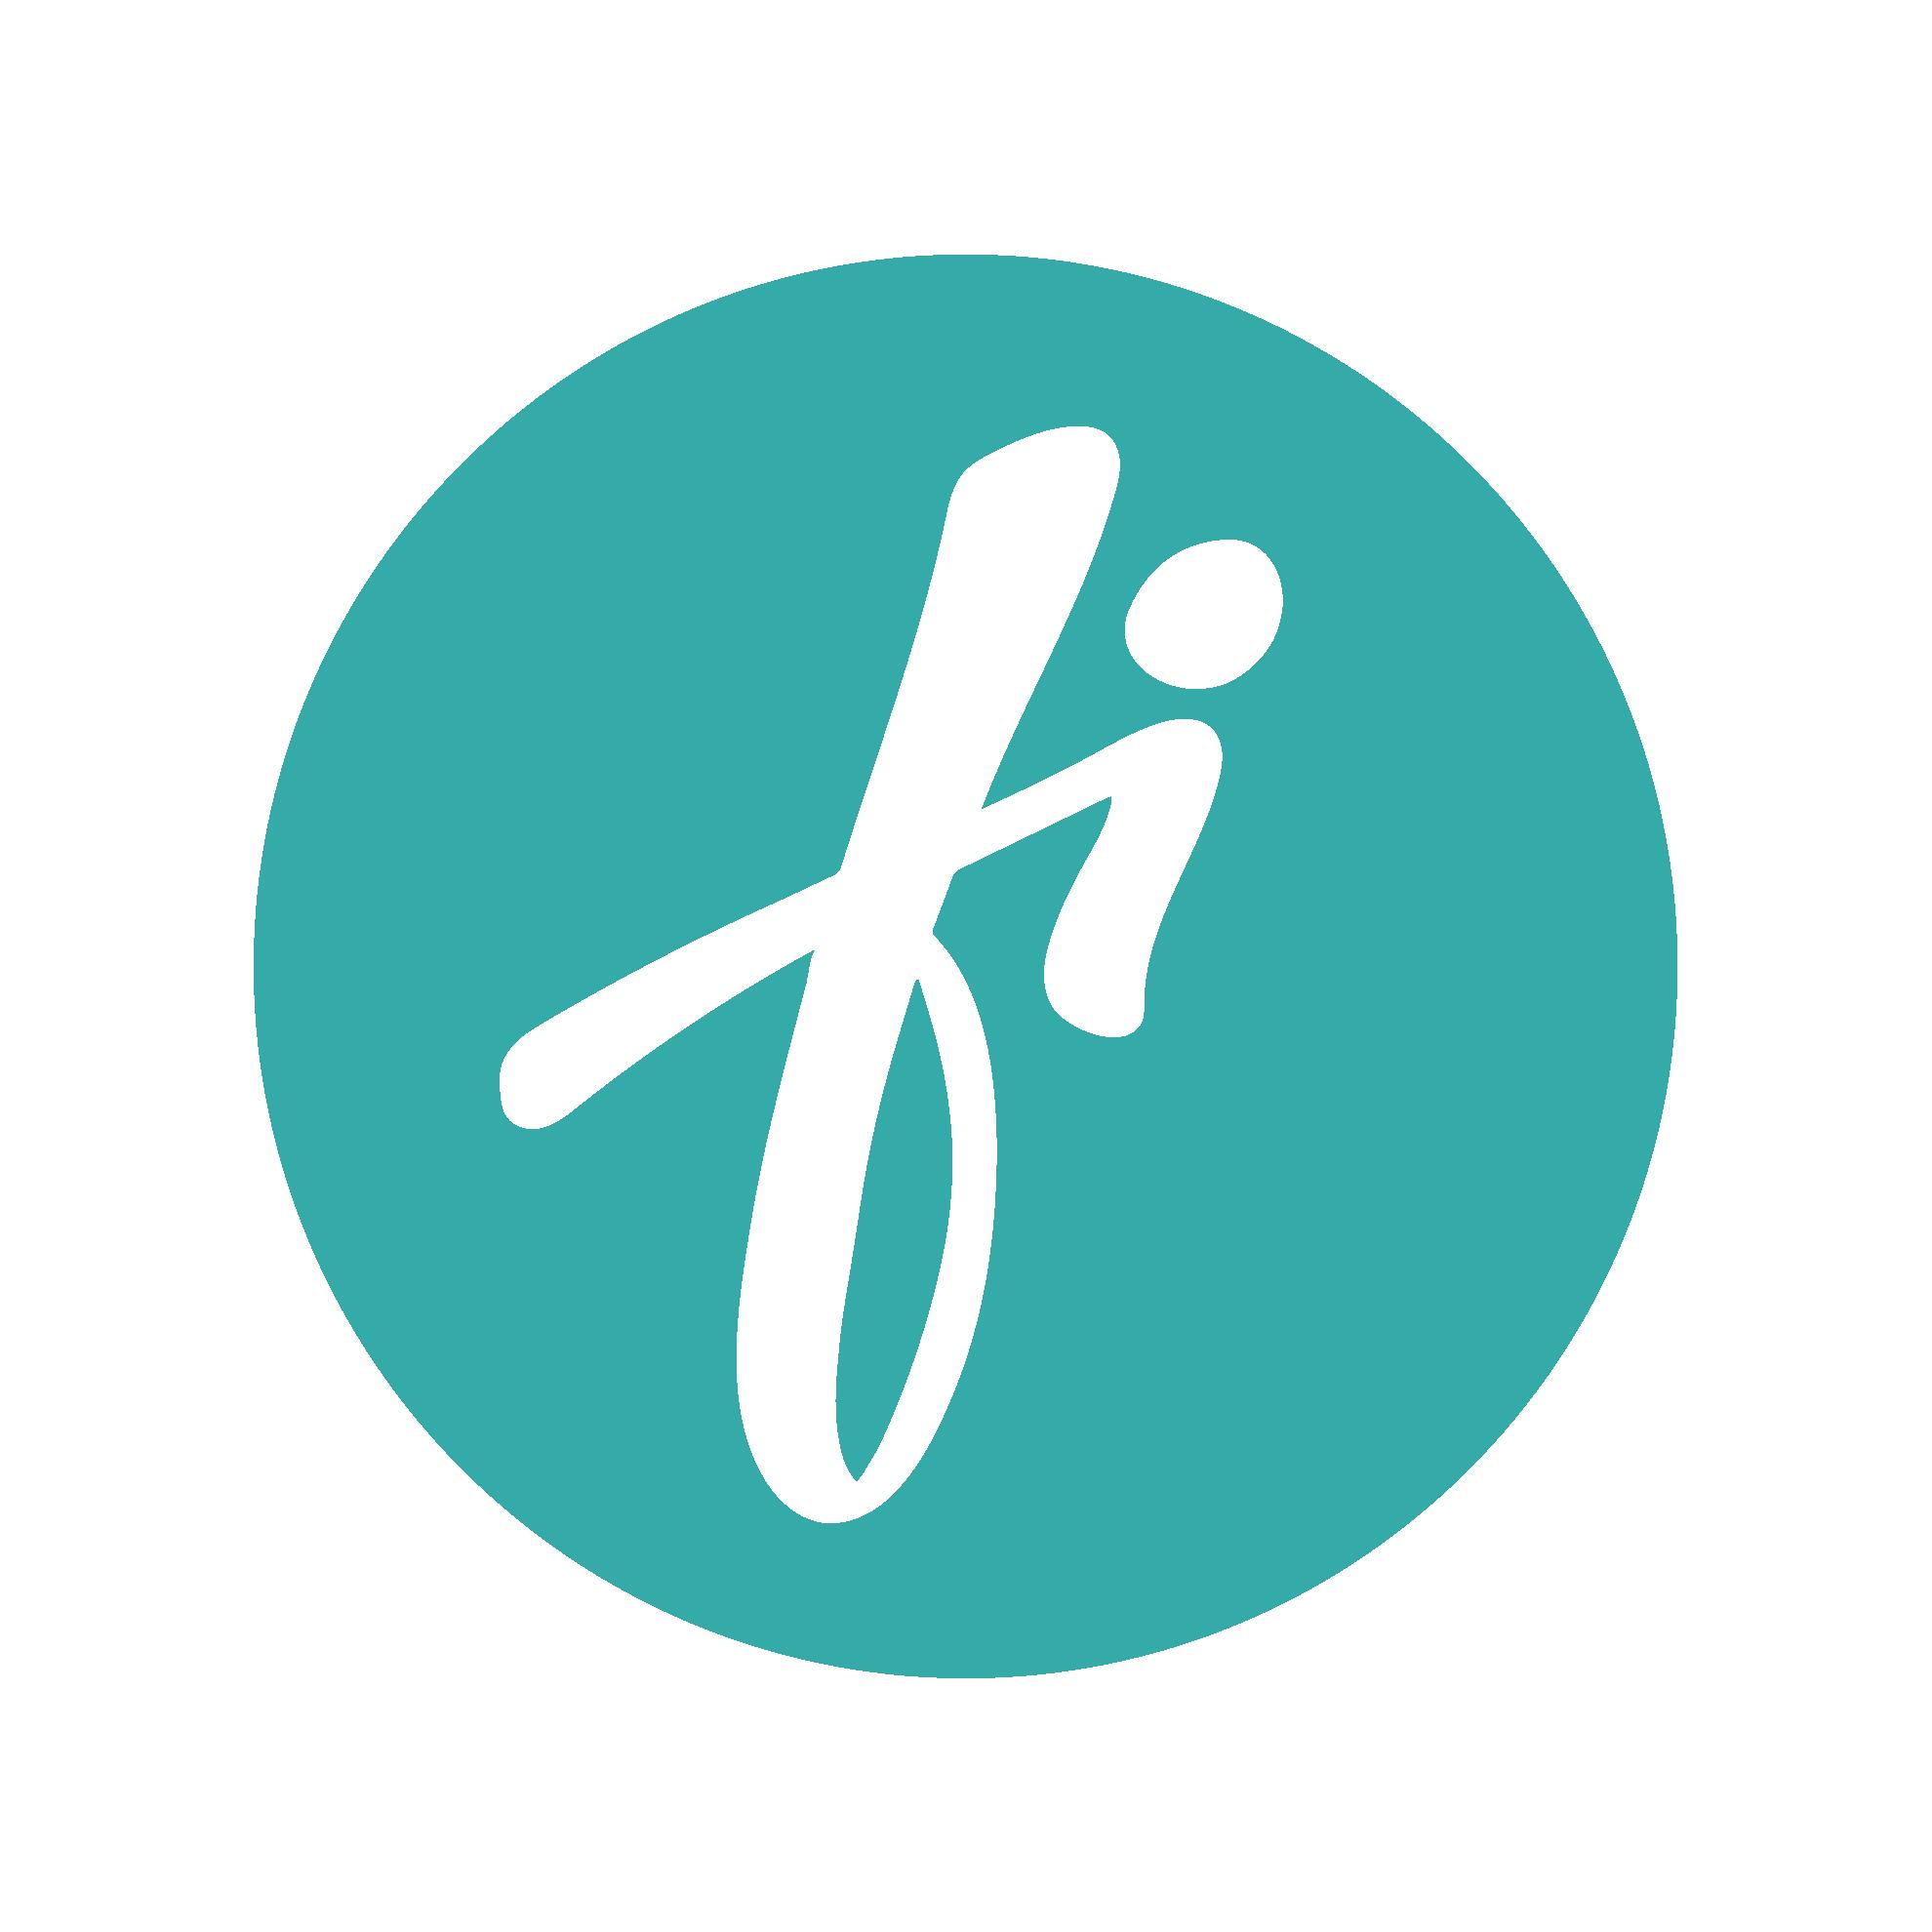 free indeed logo icon